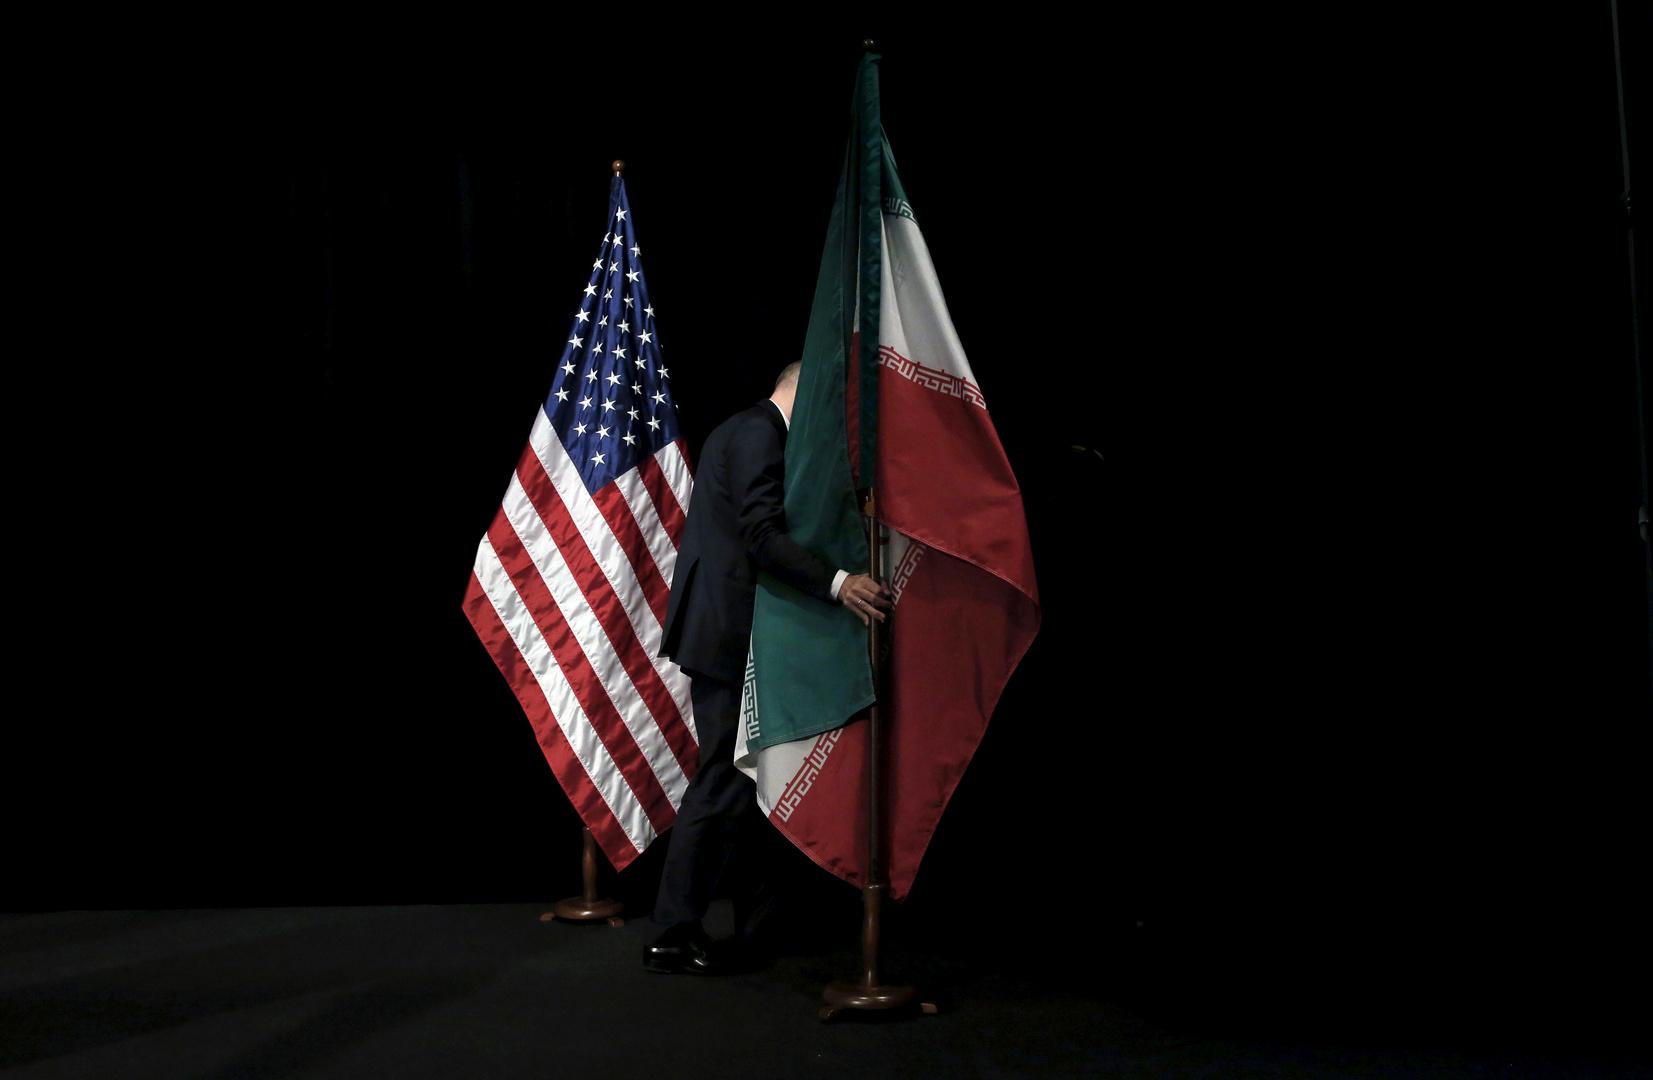 واشنطن تسمح لإيران باستخدام أموال مجمدة لسداد ديونها المستحقة لكوريا الجنوبية واليابان